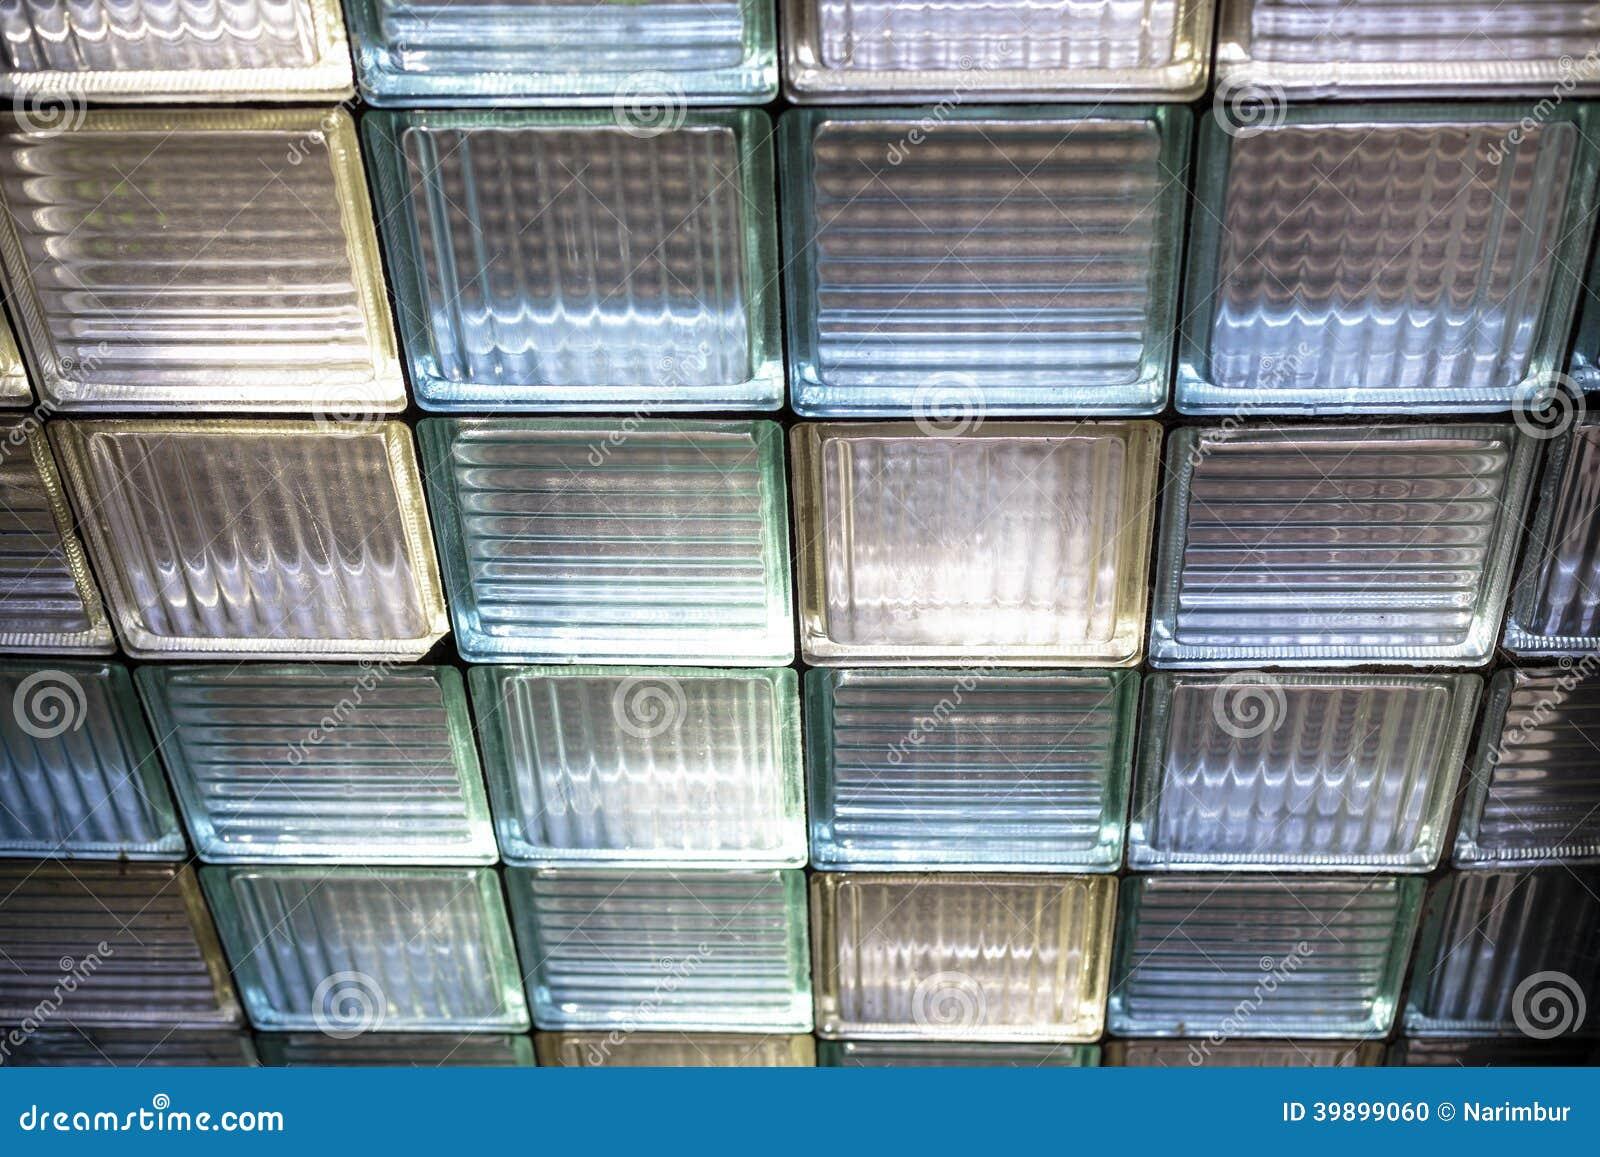 Fen tre jaune et bleue de brique en verre photo stock - Fenetre brique de verre ...